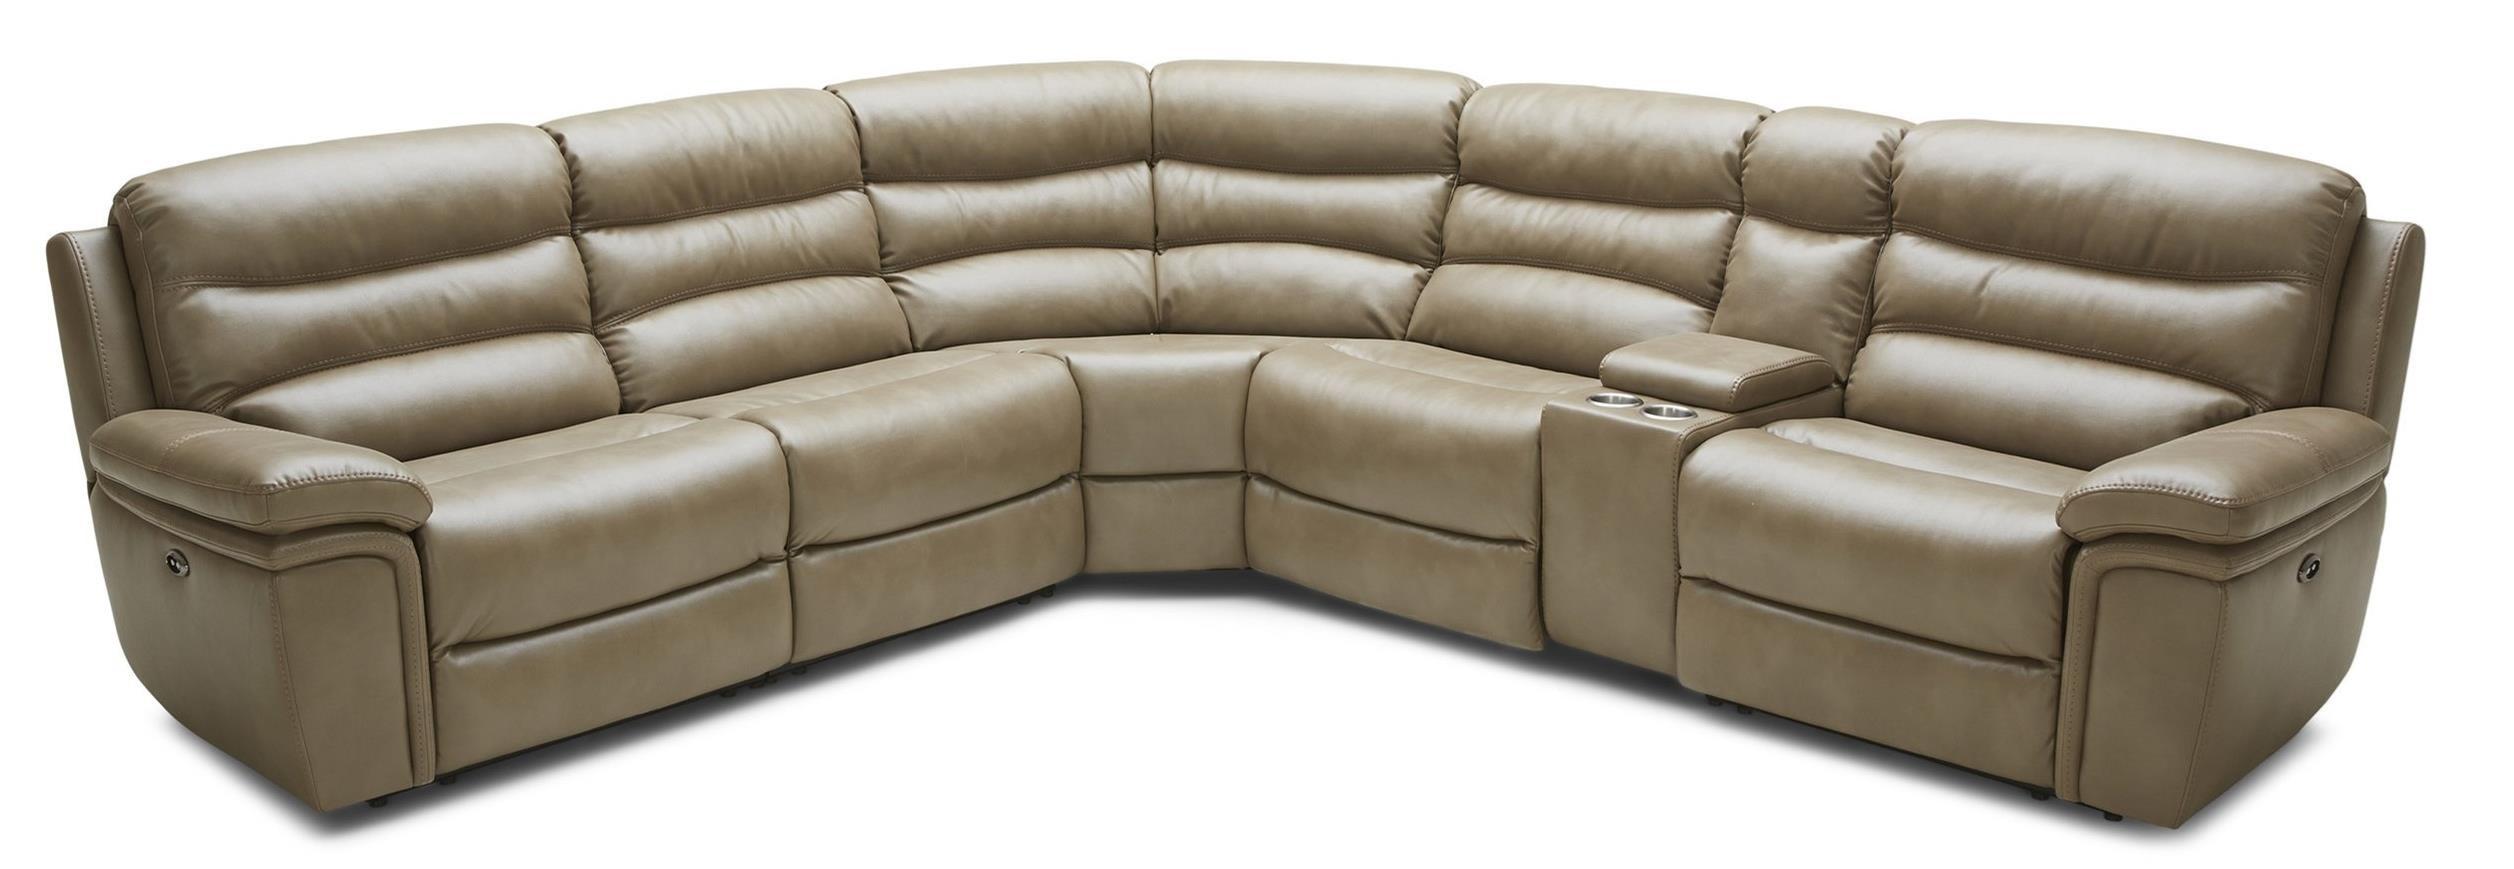 kuka sofa home decor 88 rh homedecor88 com